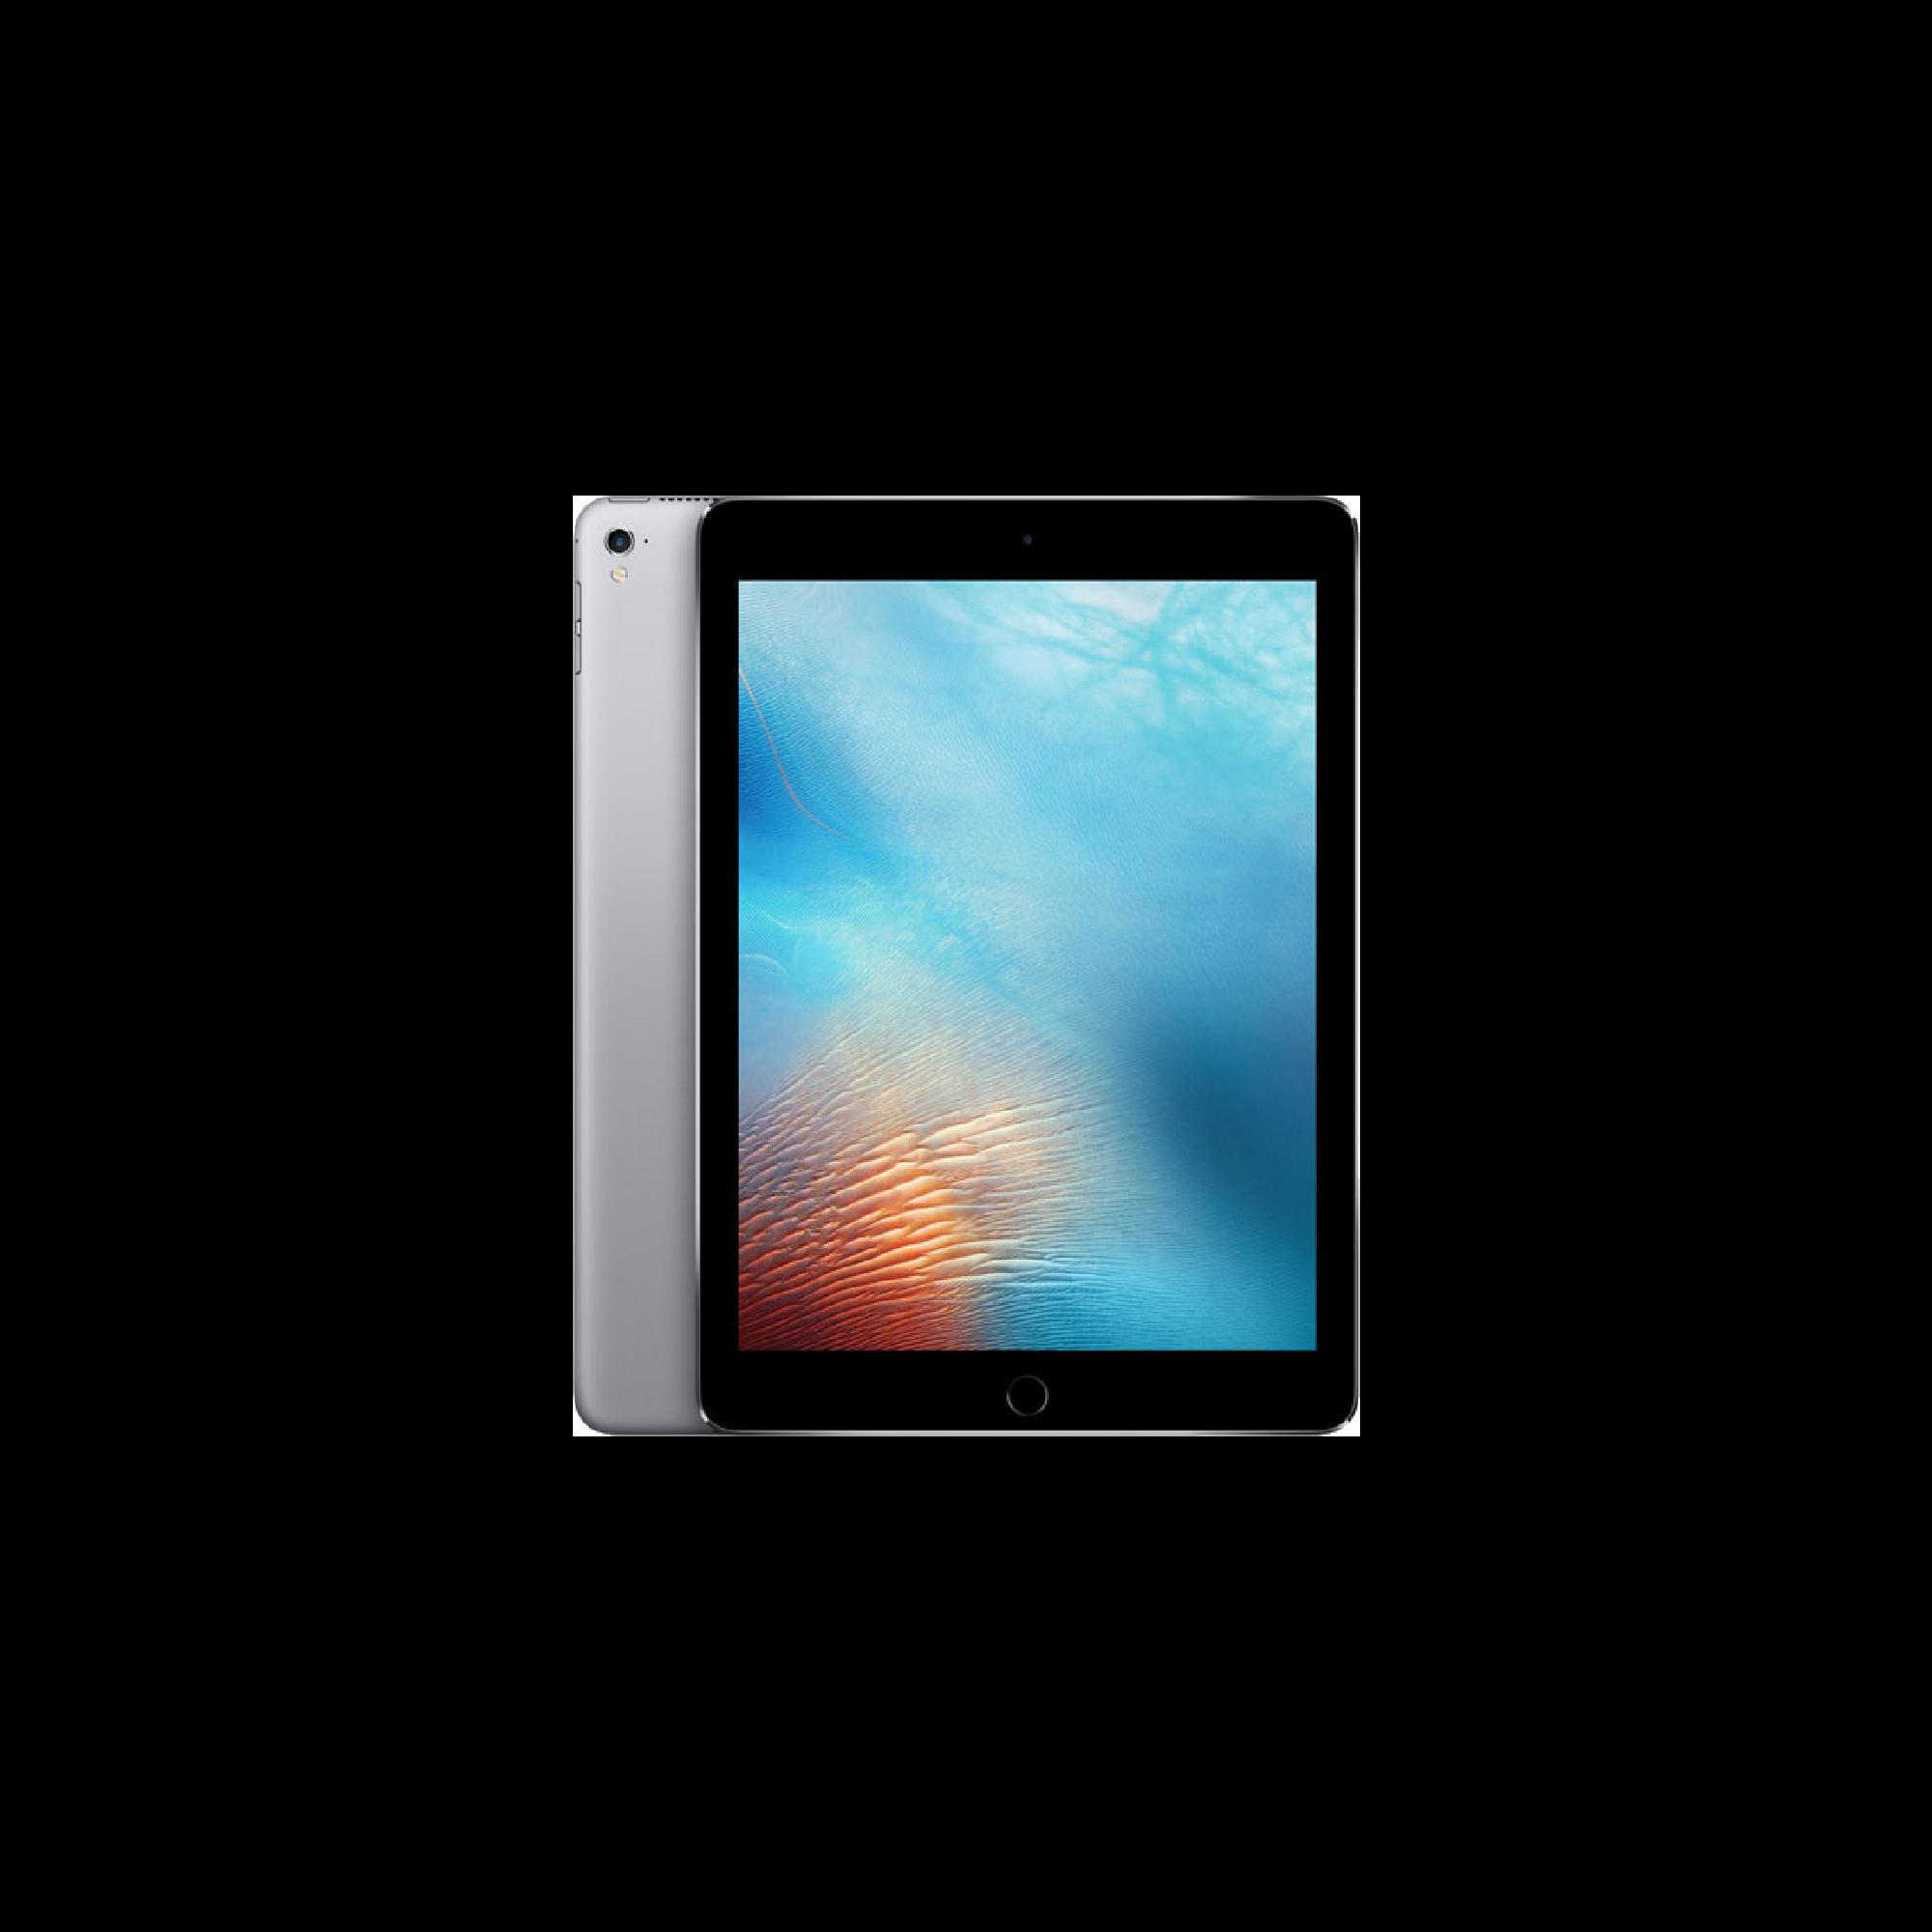 iPad Pro 9.7 1st Gen  | $200 + tax